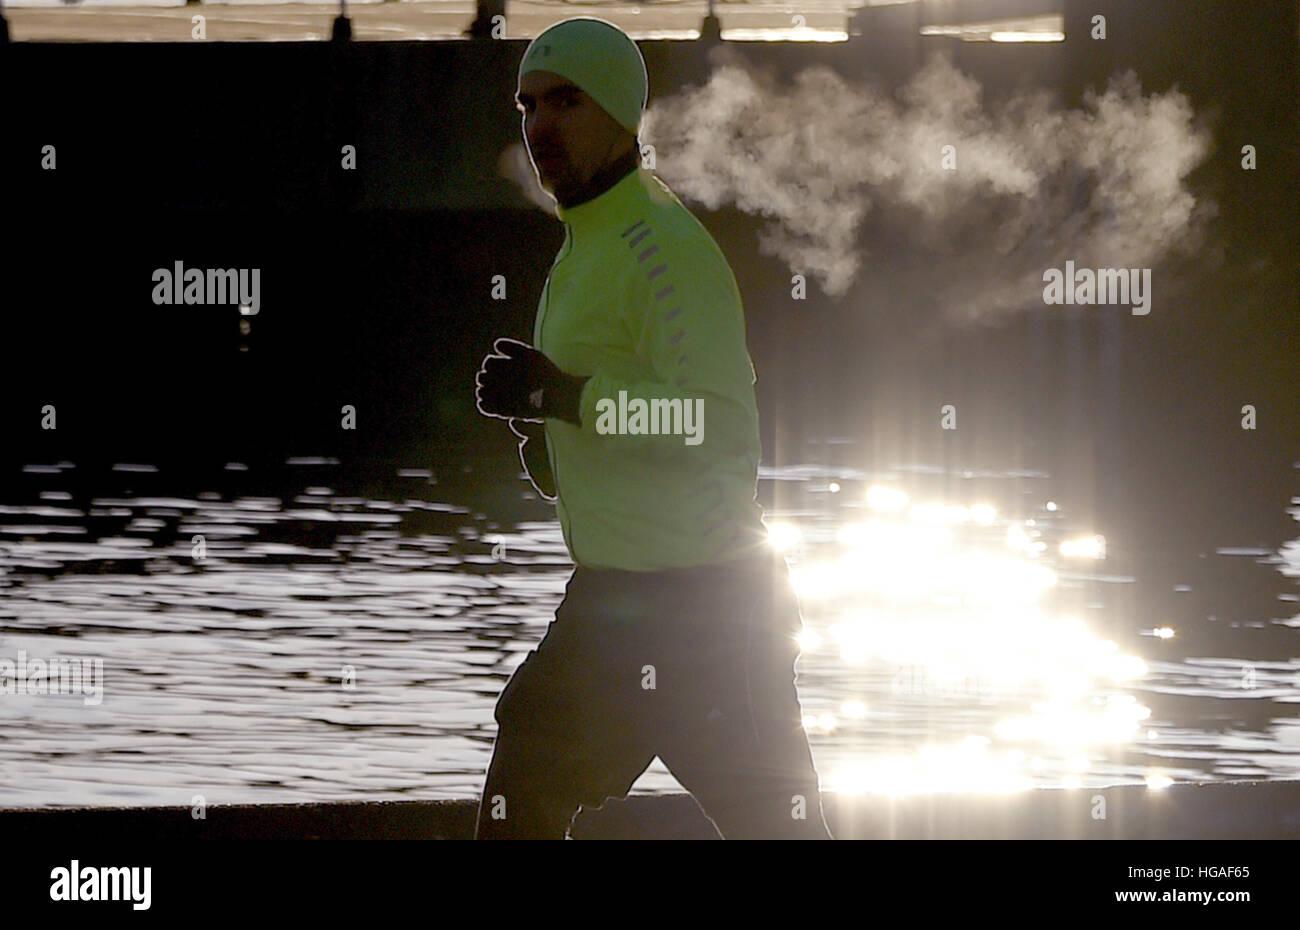 Kiel, Deutschland. 6. Januar 2017. Ein Jogger läuft entlang des Flusses Foerde kurz nach Sonnenaufgang in Kiel, Stockbild